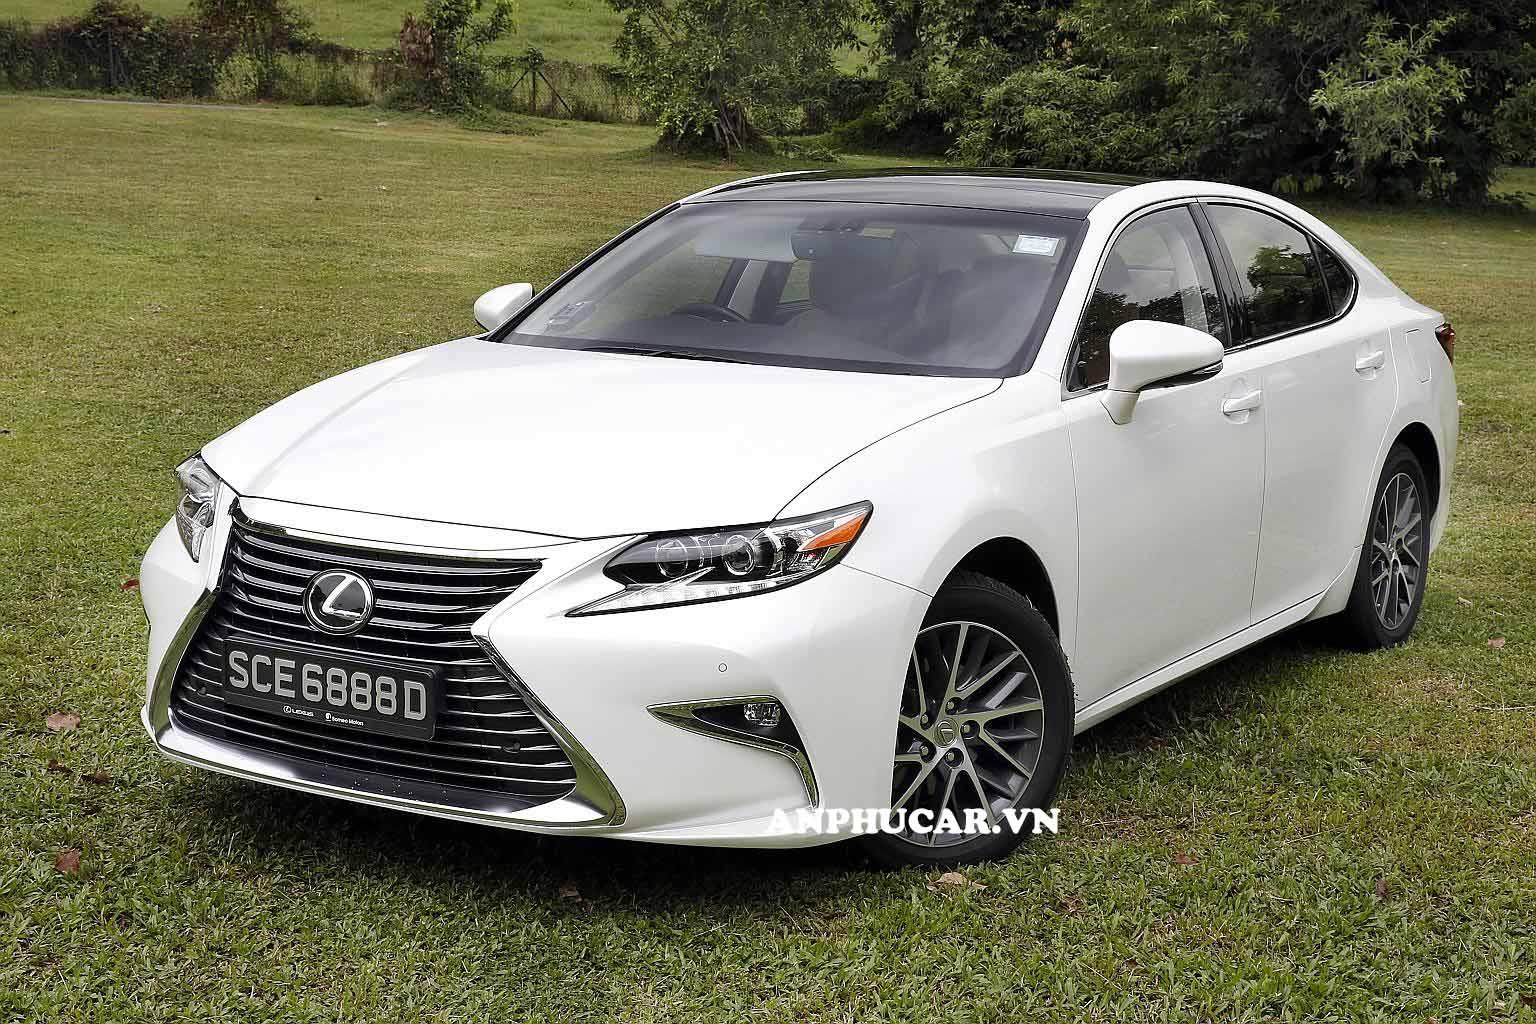 Ưu điểm Lexus ES250 2019